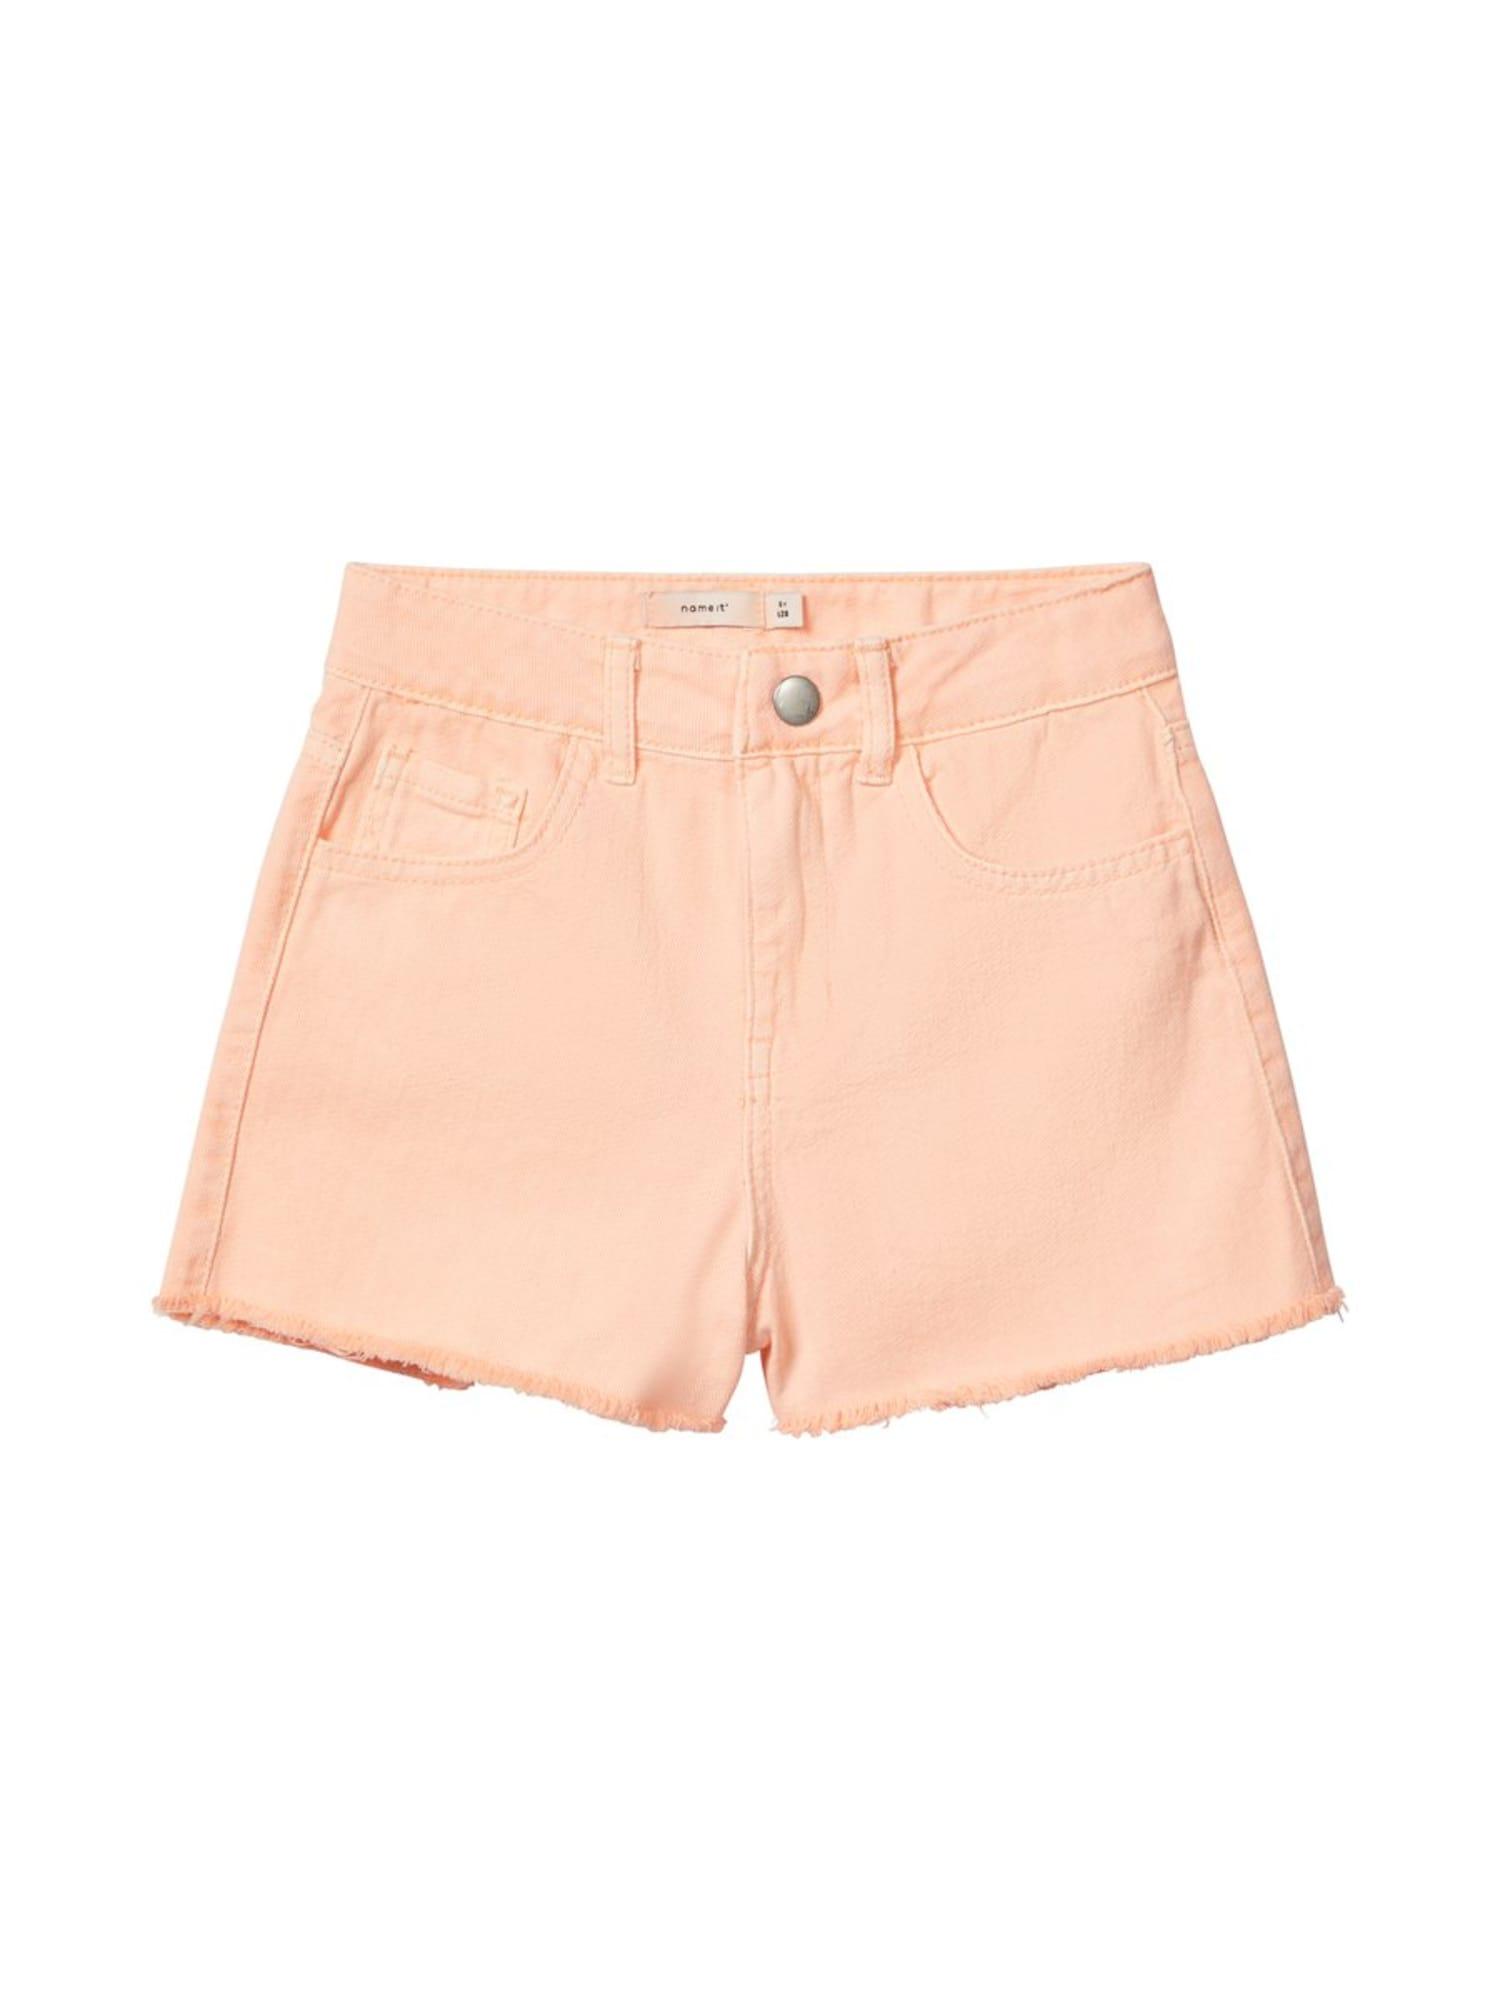 NAME IT Pantalon  - Rose - Taille: 116 - girl